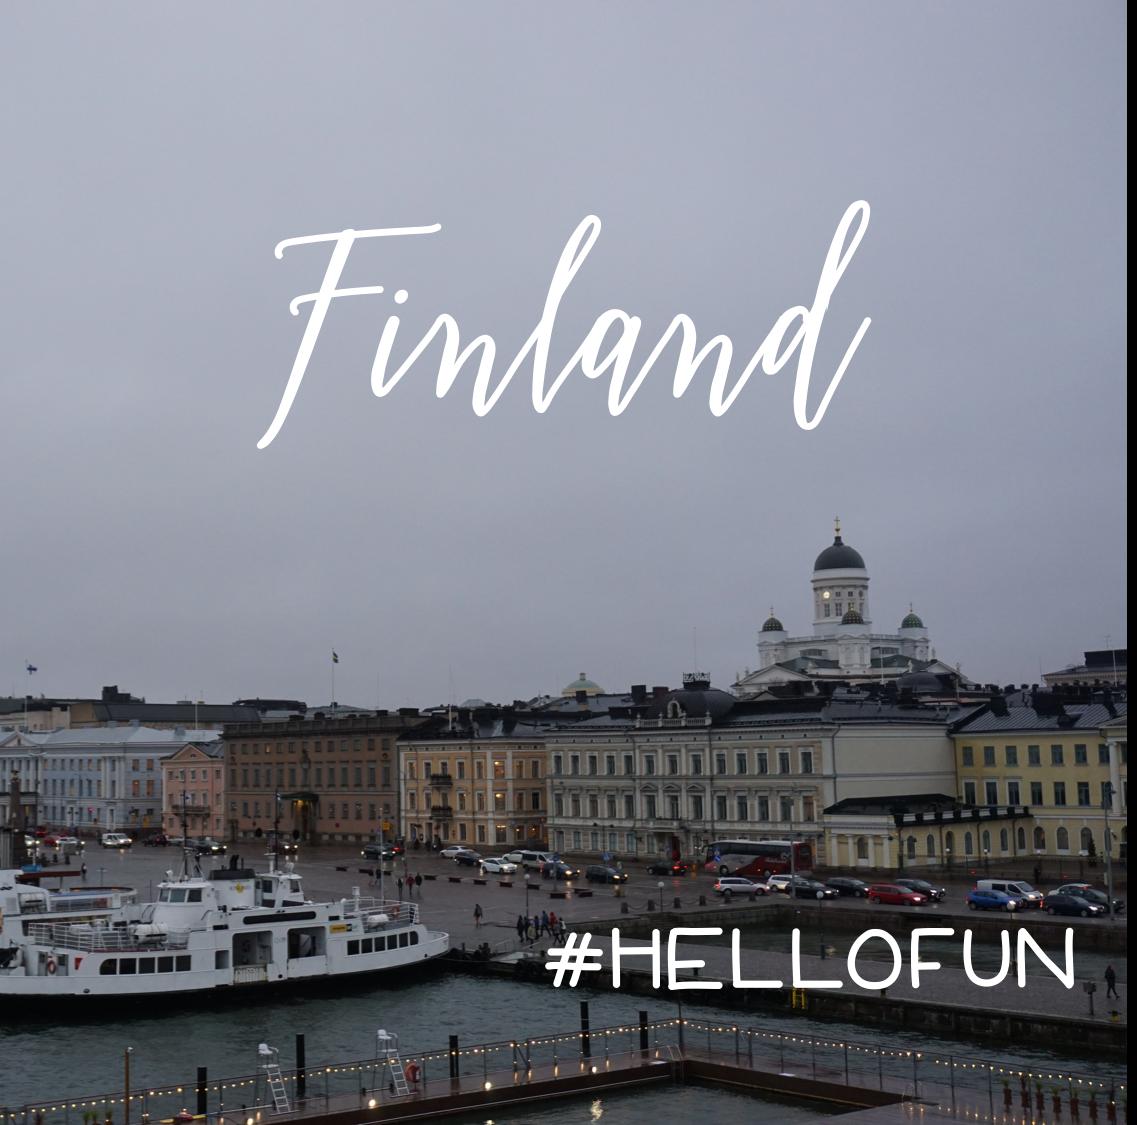 Finland Fun